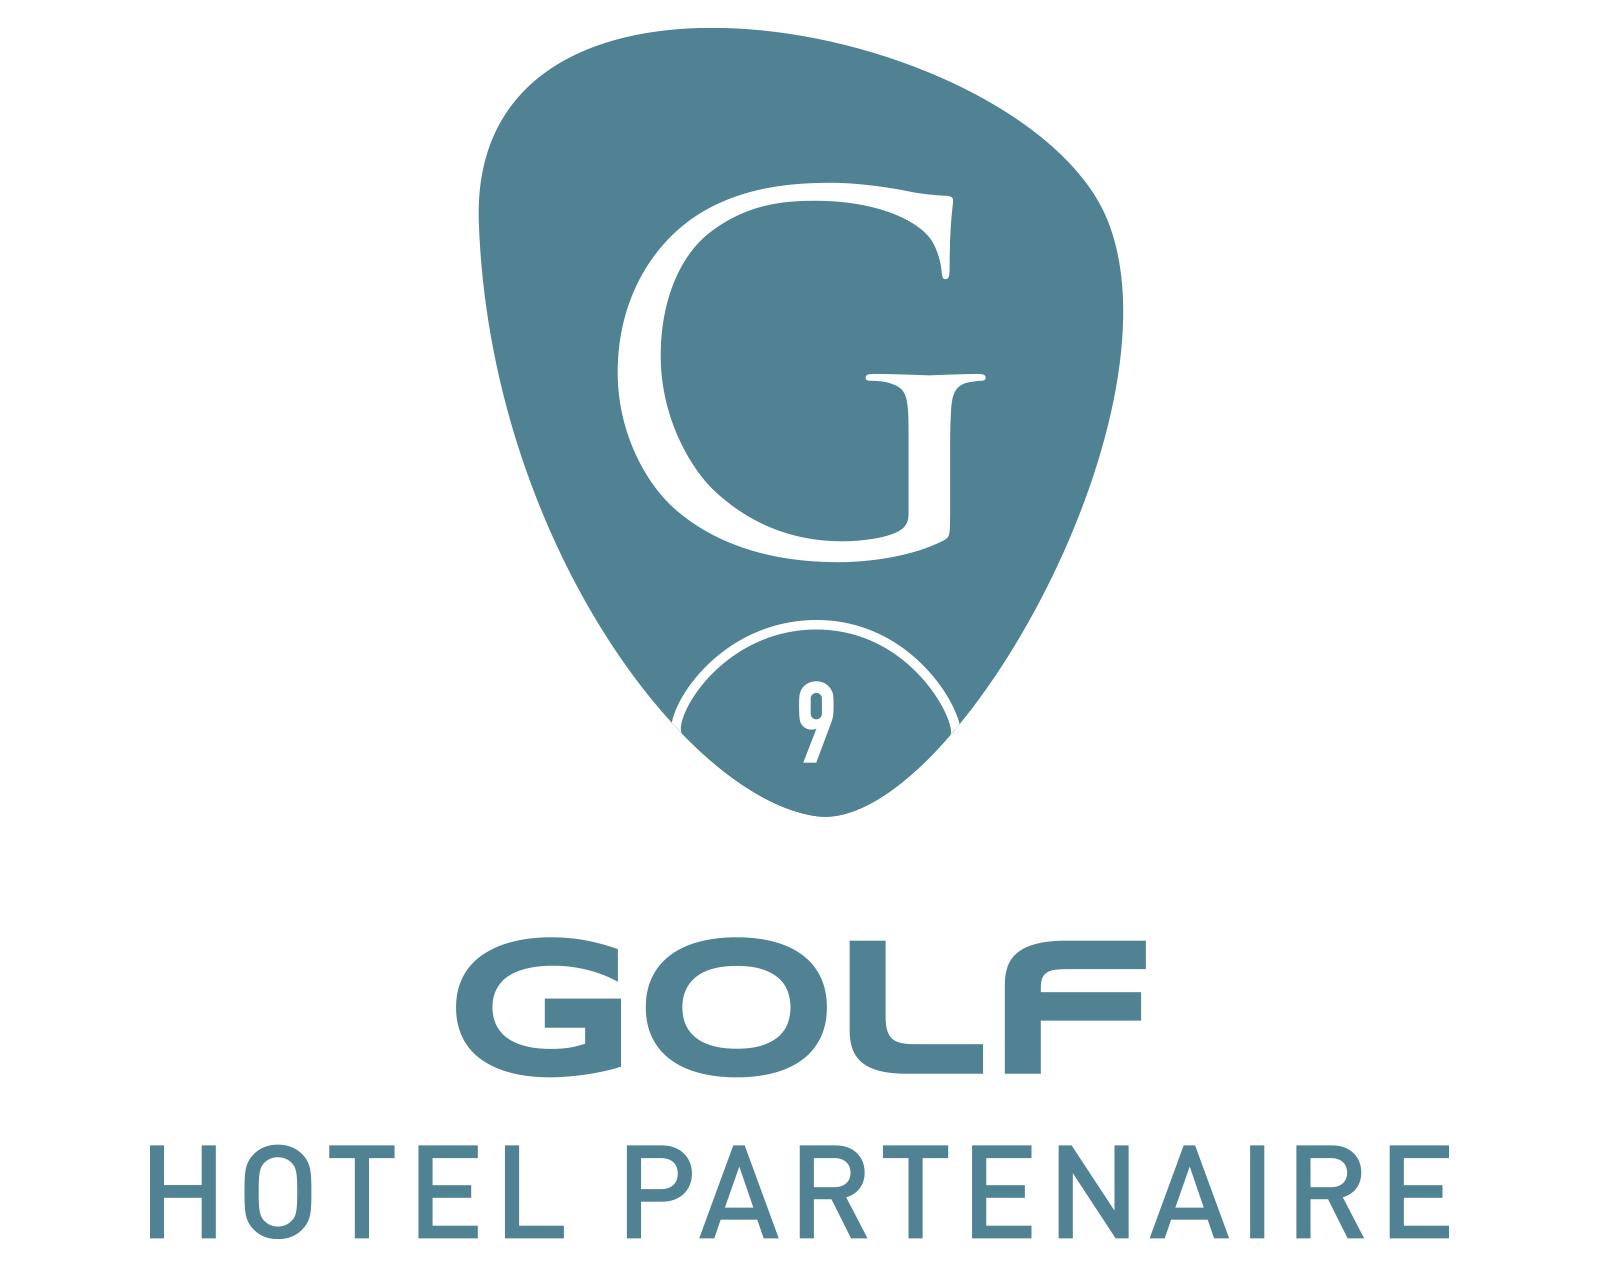 GolfyGolfHotelPartenaire_9